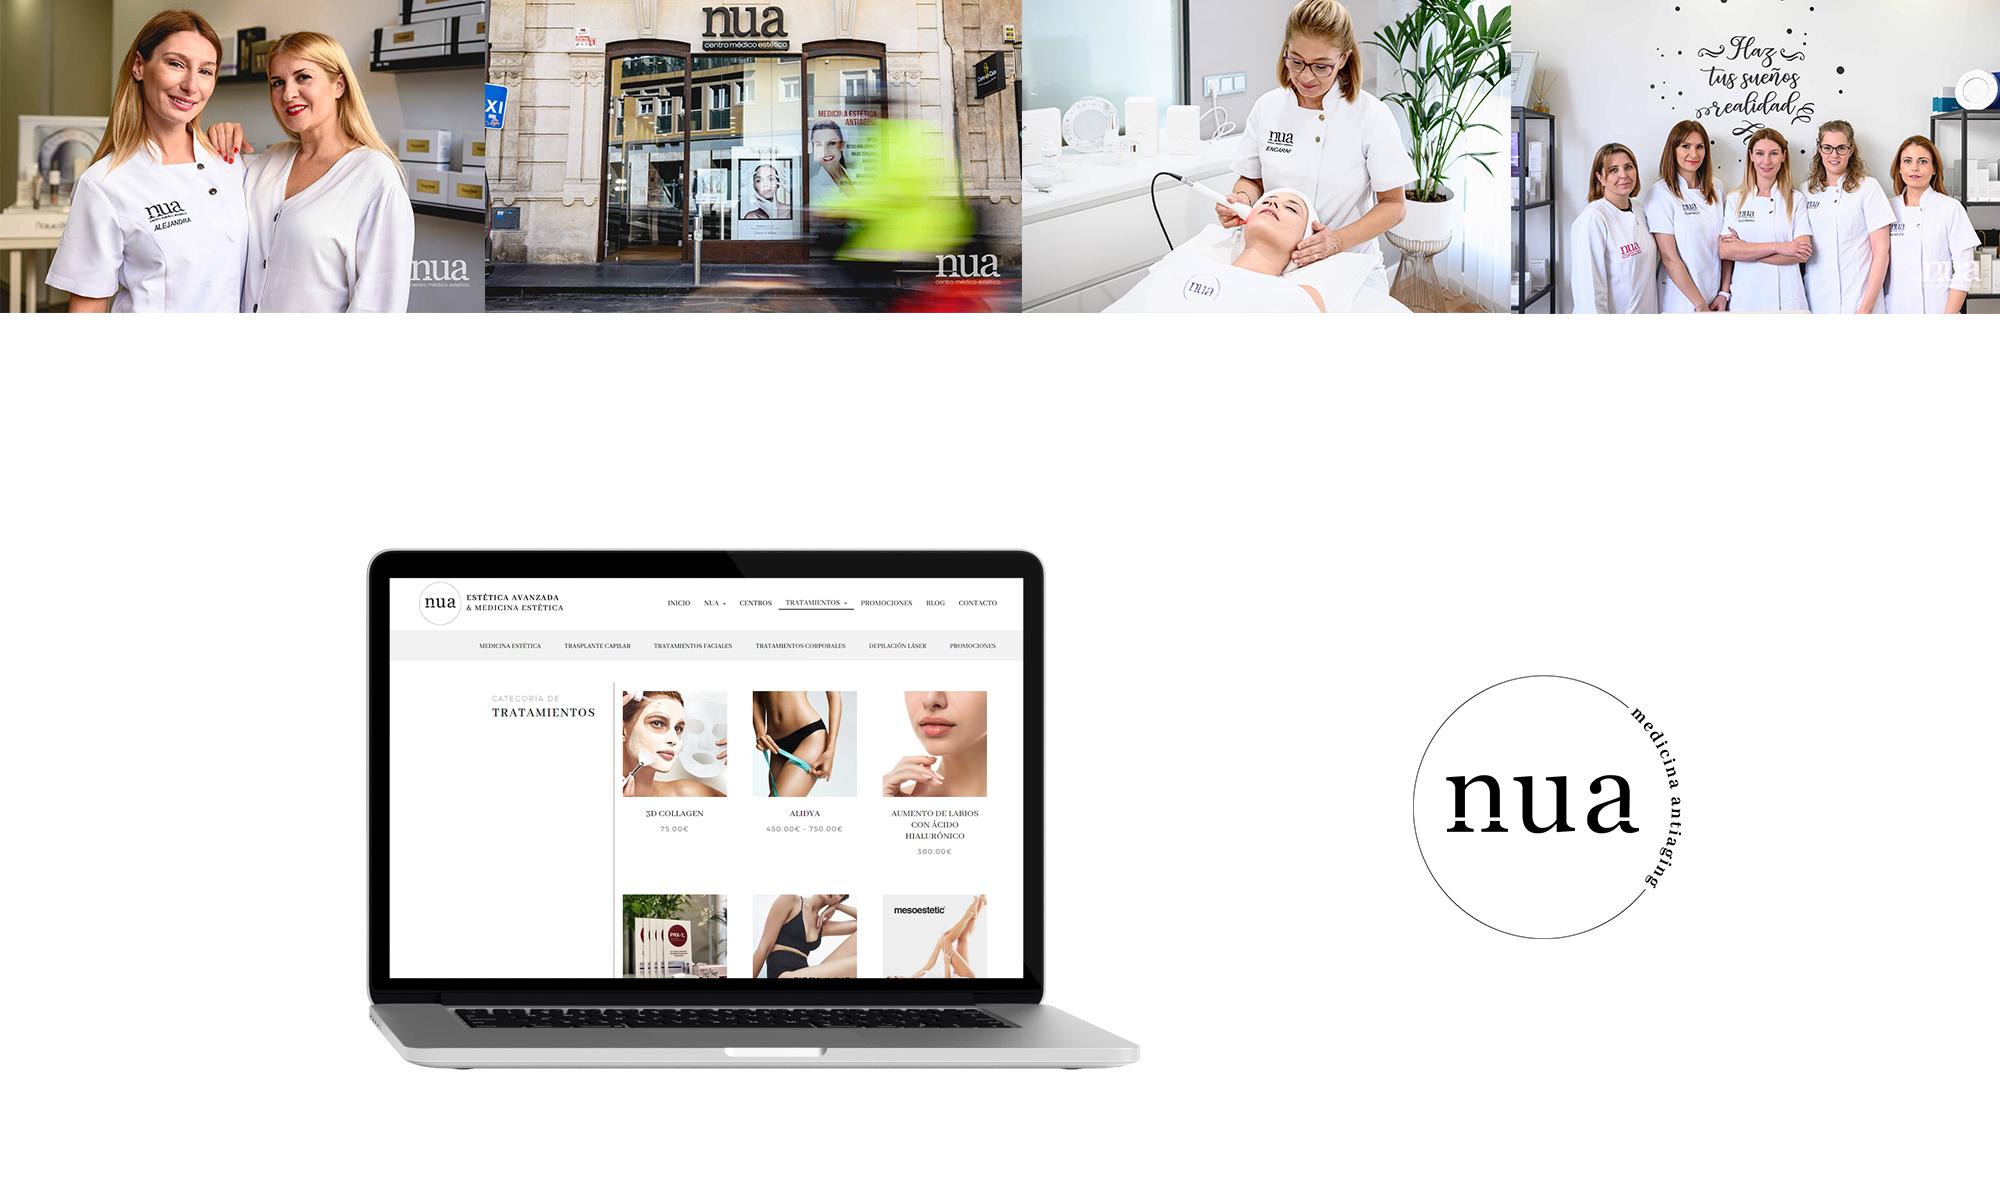 NUA 5 - Fama Publicidad